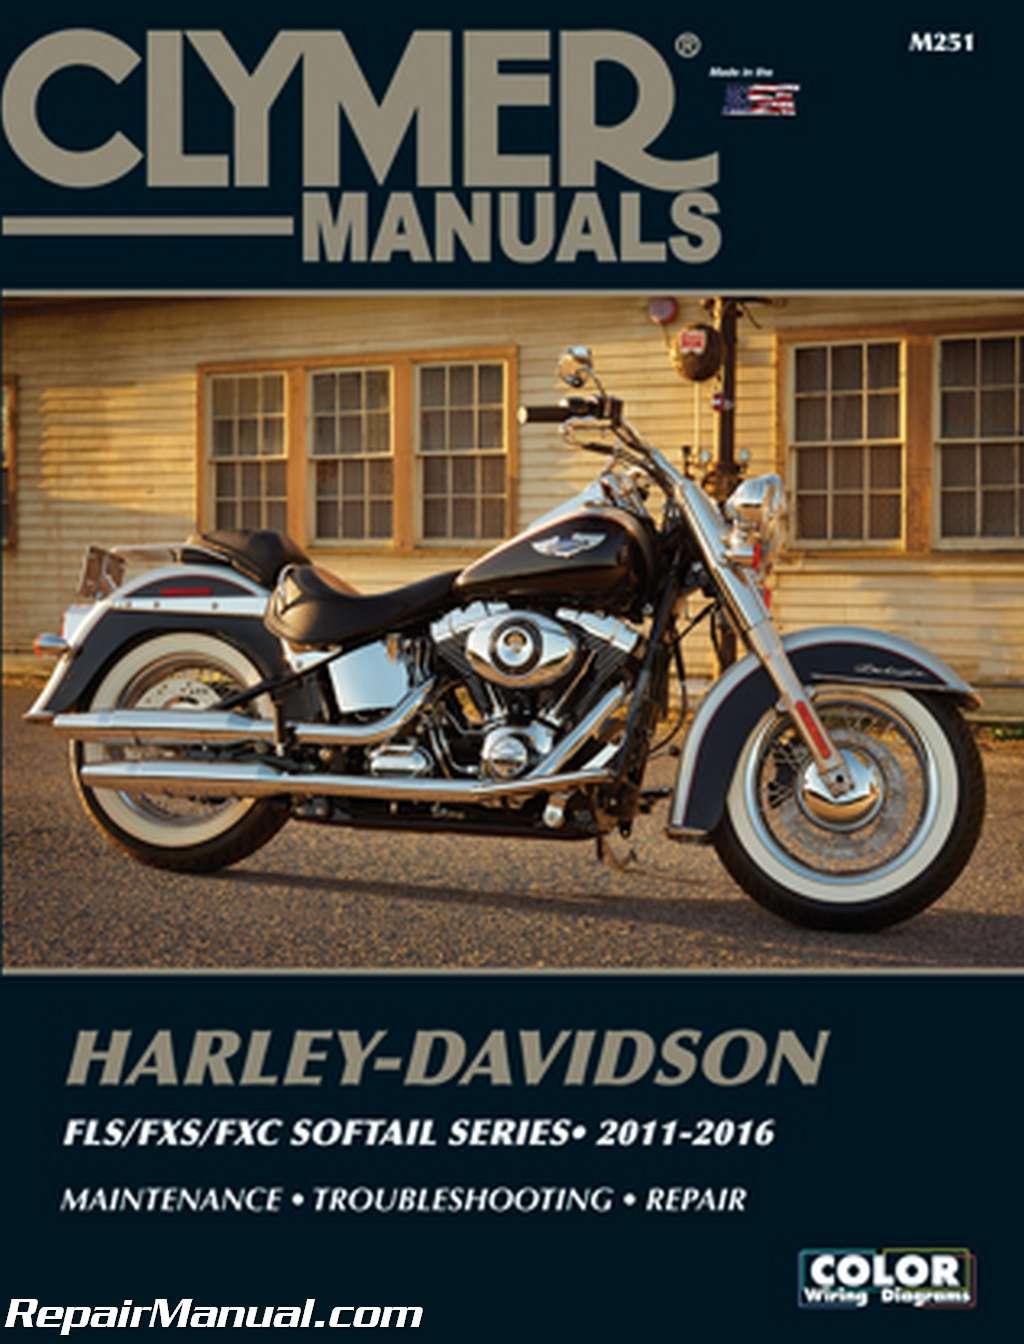 Harley Davidson Fls Fxs Fxc Softail Series 2011 2016 Clymer Davidsoncar Wiring Diagram Motorcycle Repair Manual